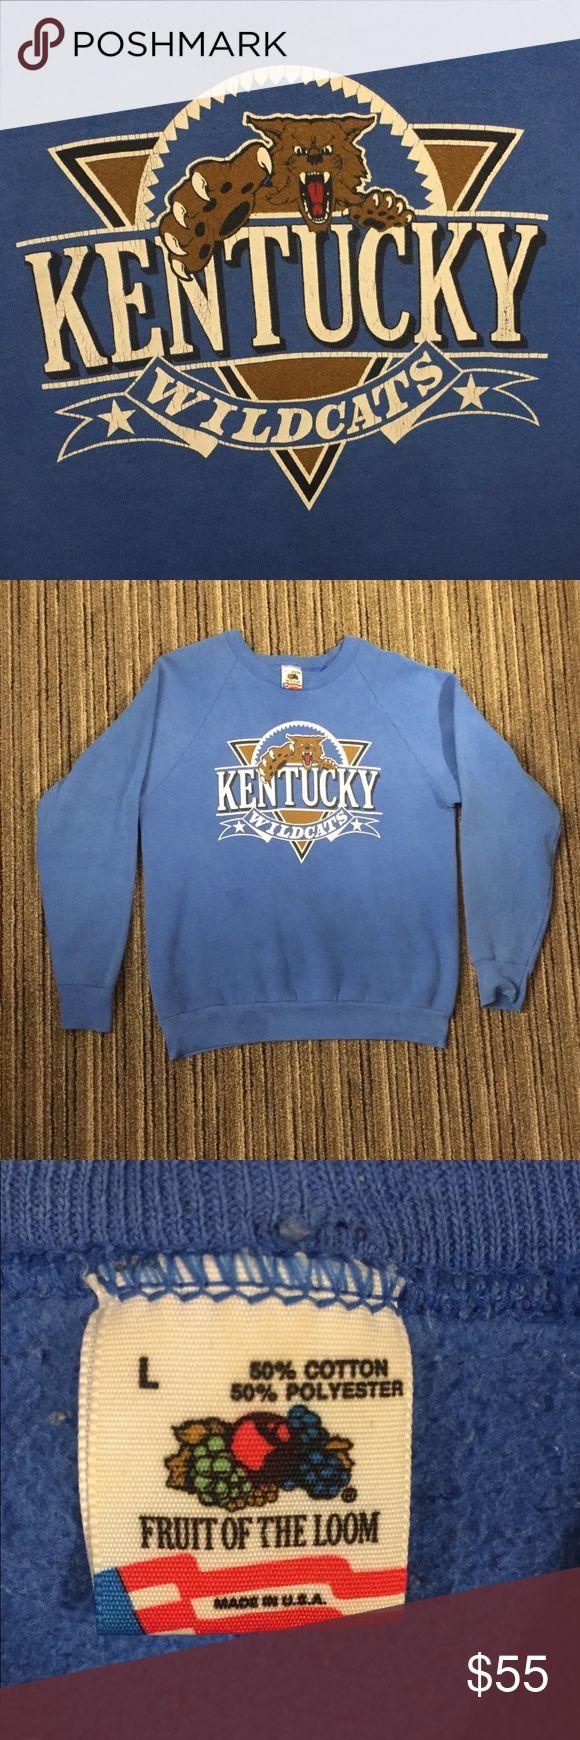 Vintage Kentucky Wildcats Sweatshirt Good condition for